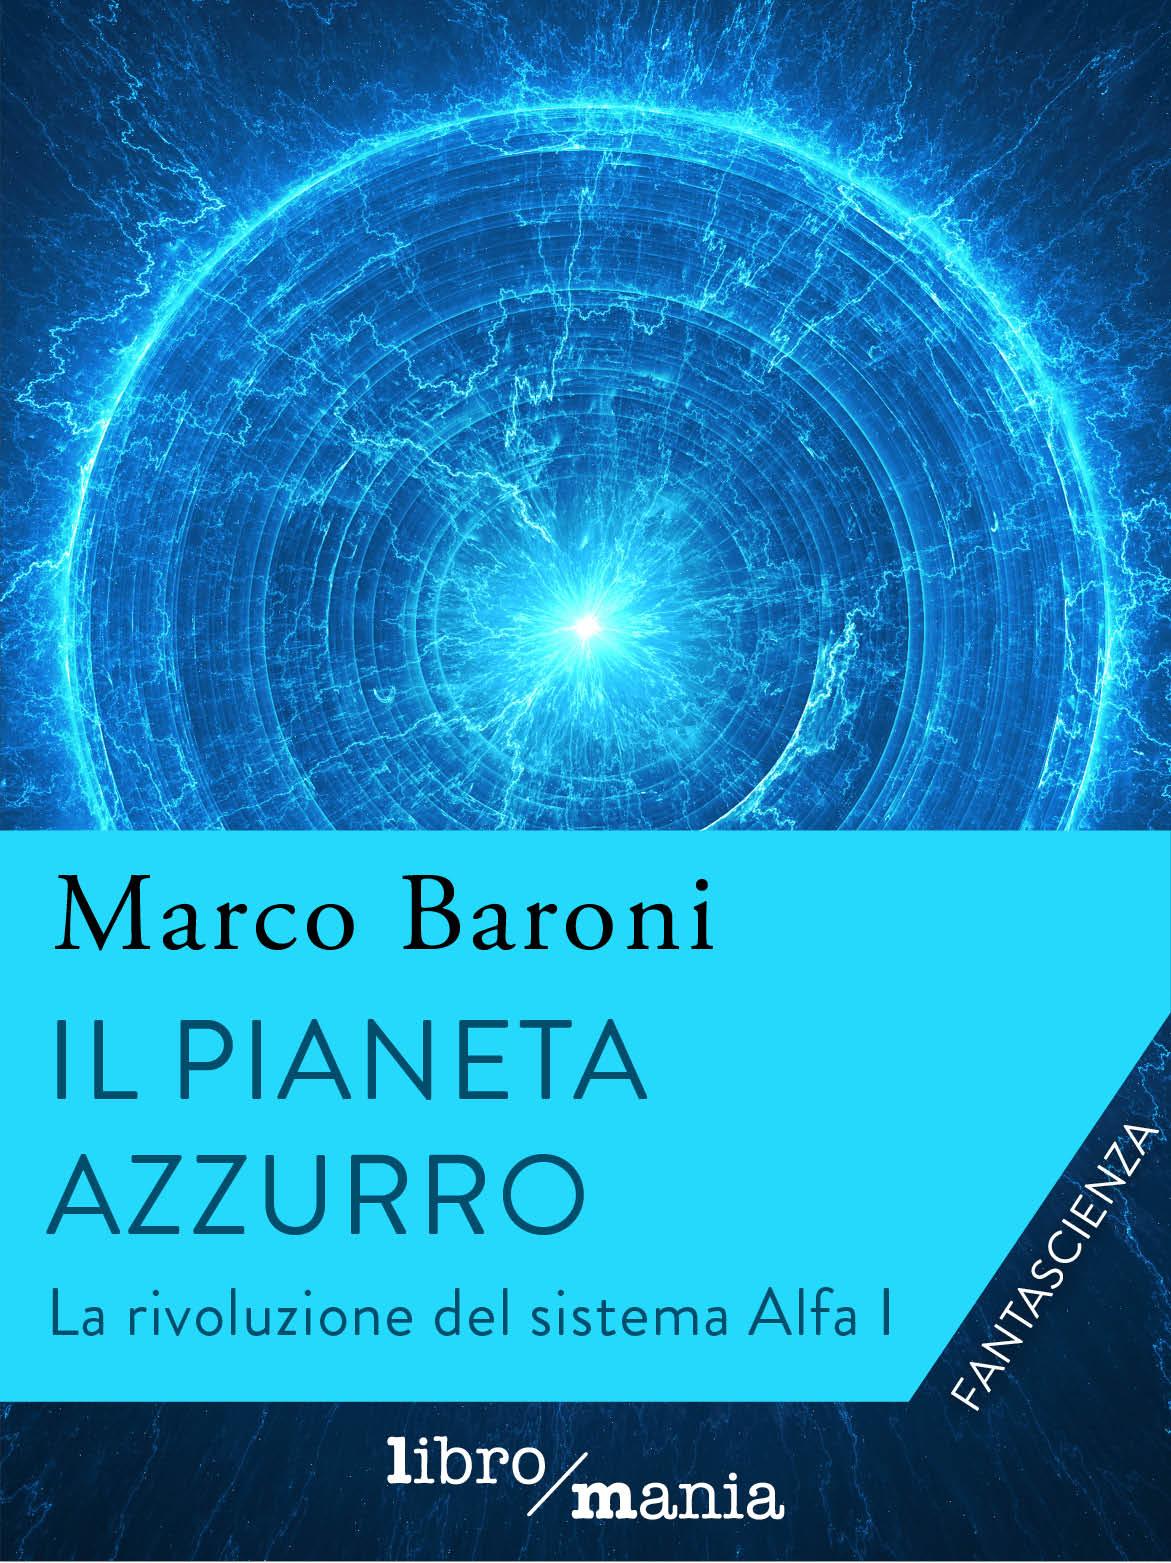 La copertina del libro di Marco Baroni.